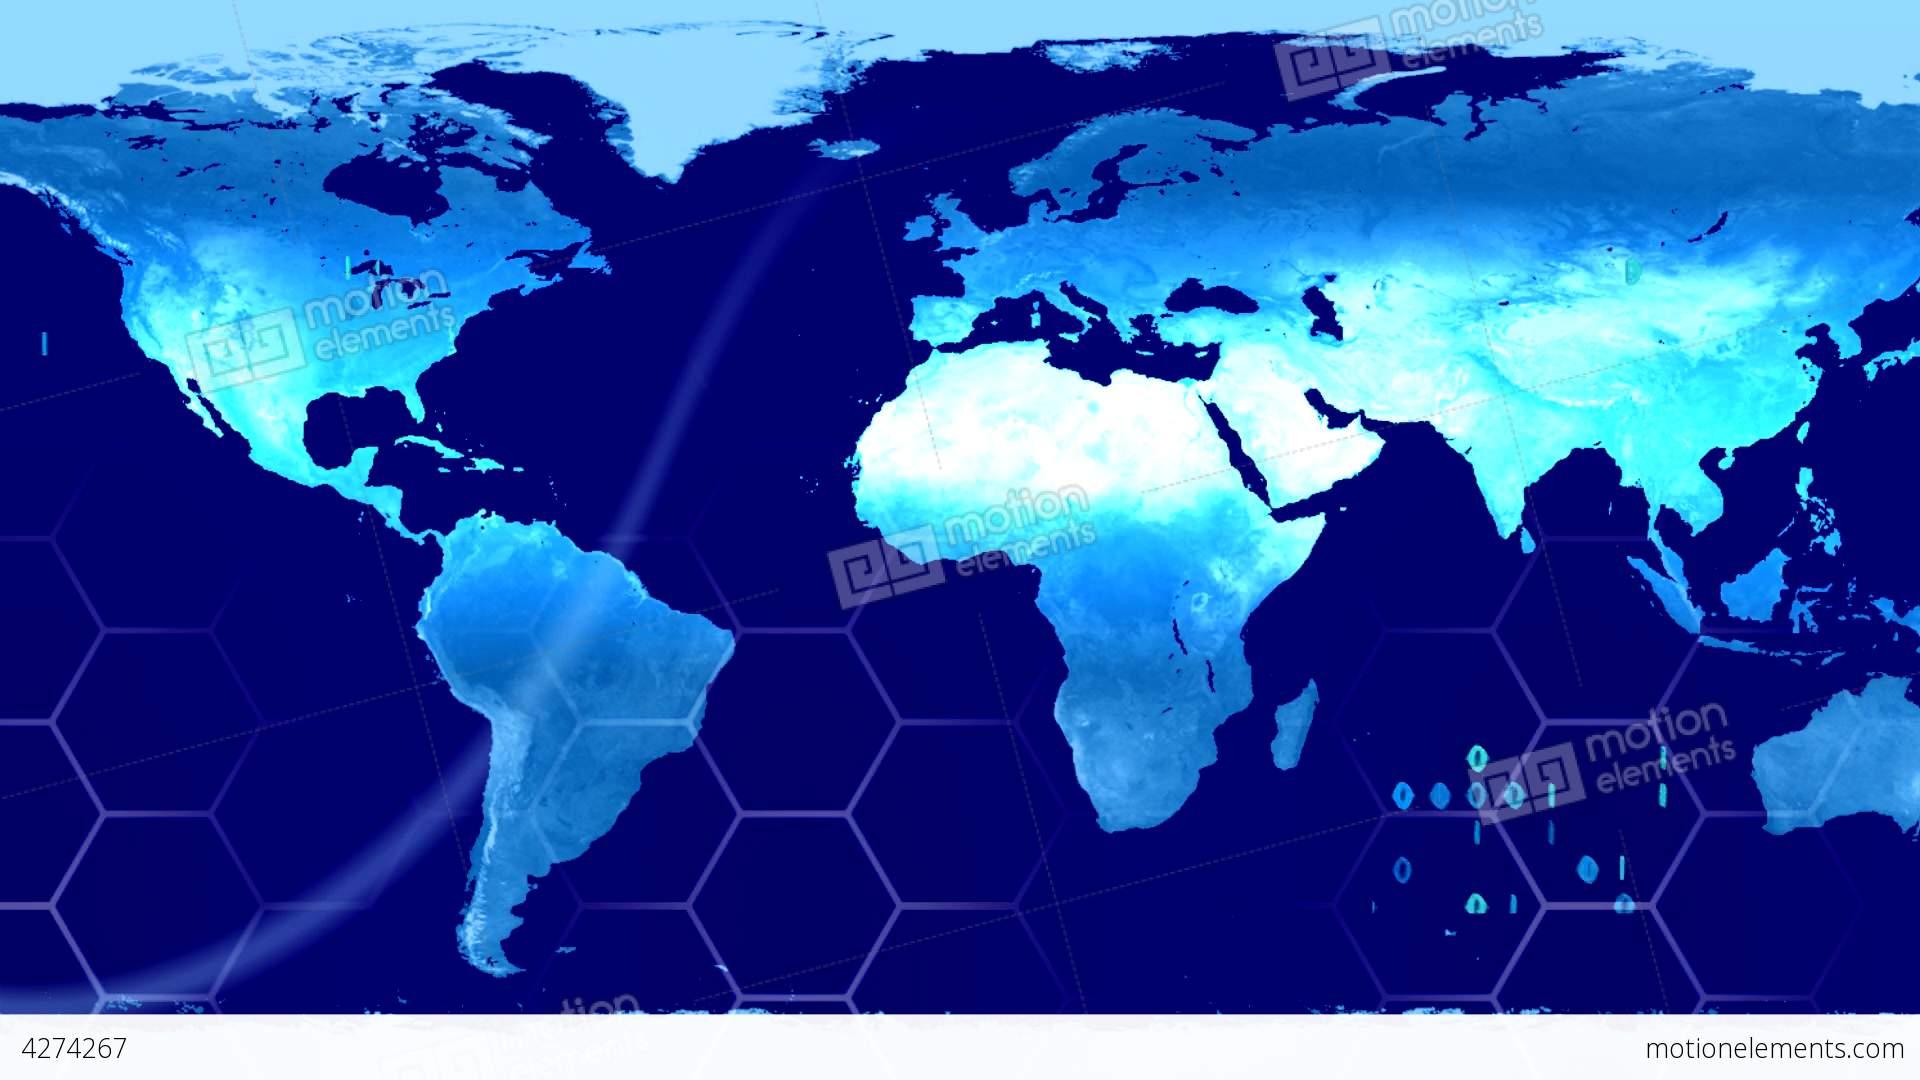 World Map High Tech Digital Satellite Data View Wa Stock Animation - World map satellite hd